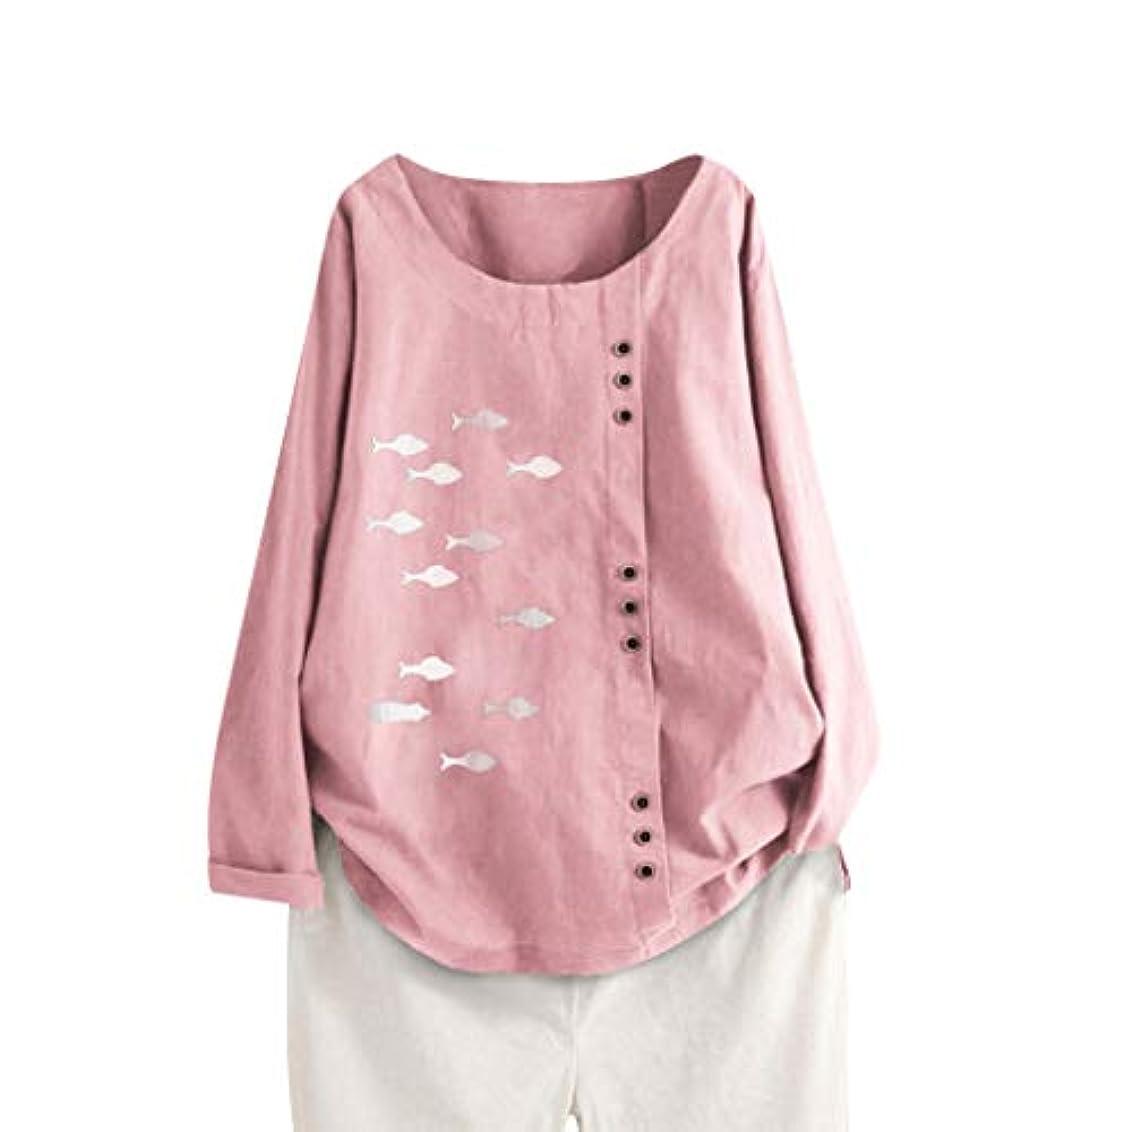 特別な細部相対的Aguleaph レディース Tシャツ おおきいサイズ 長袖 コットンとリネン 魚のパターン トップス 学生 洋服 お出かけ ワイシャツ 流行り ブラウス 快適な 軽い 柔らかい かっこいい カジュアル シンプル オシャレ...